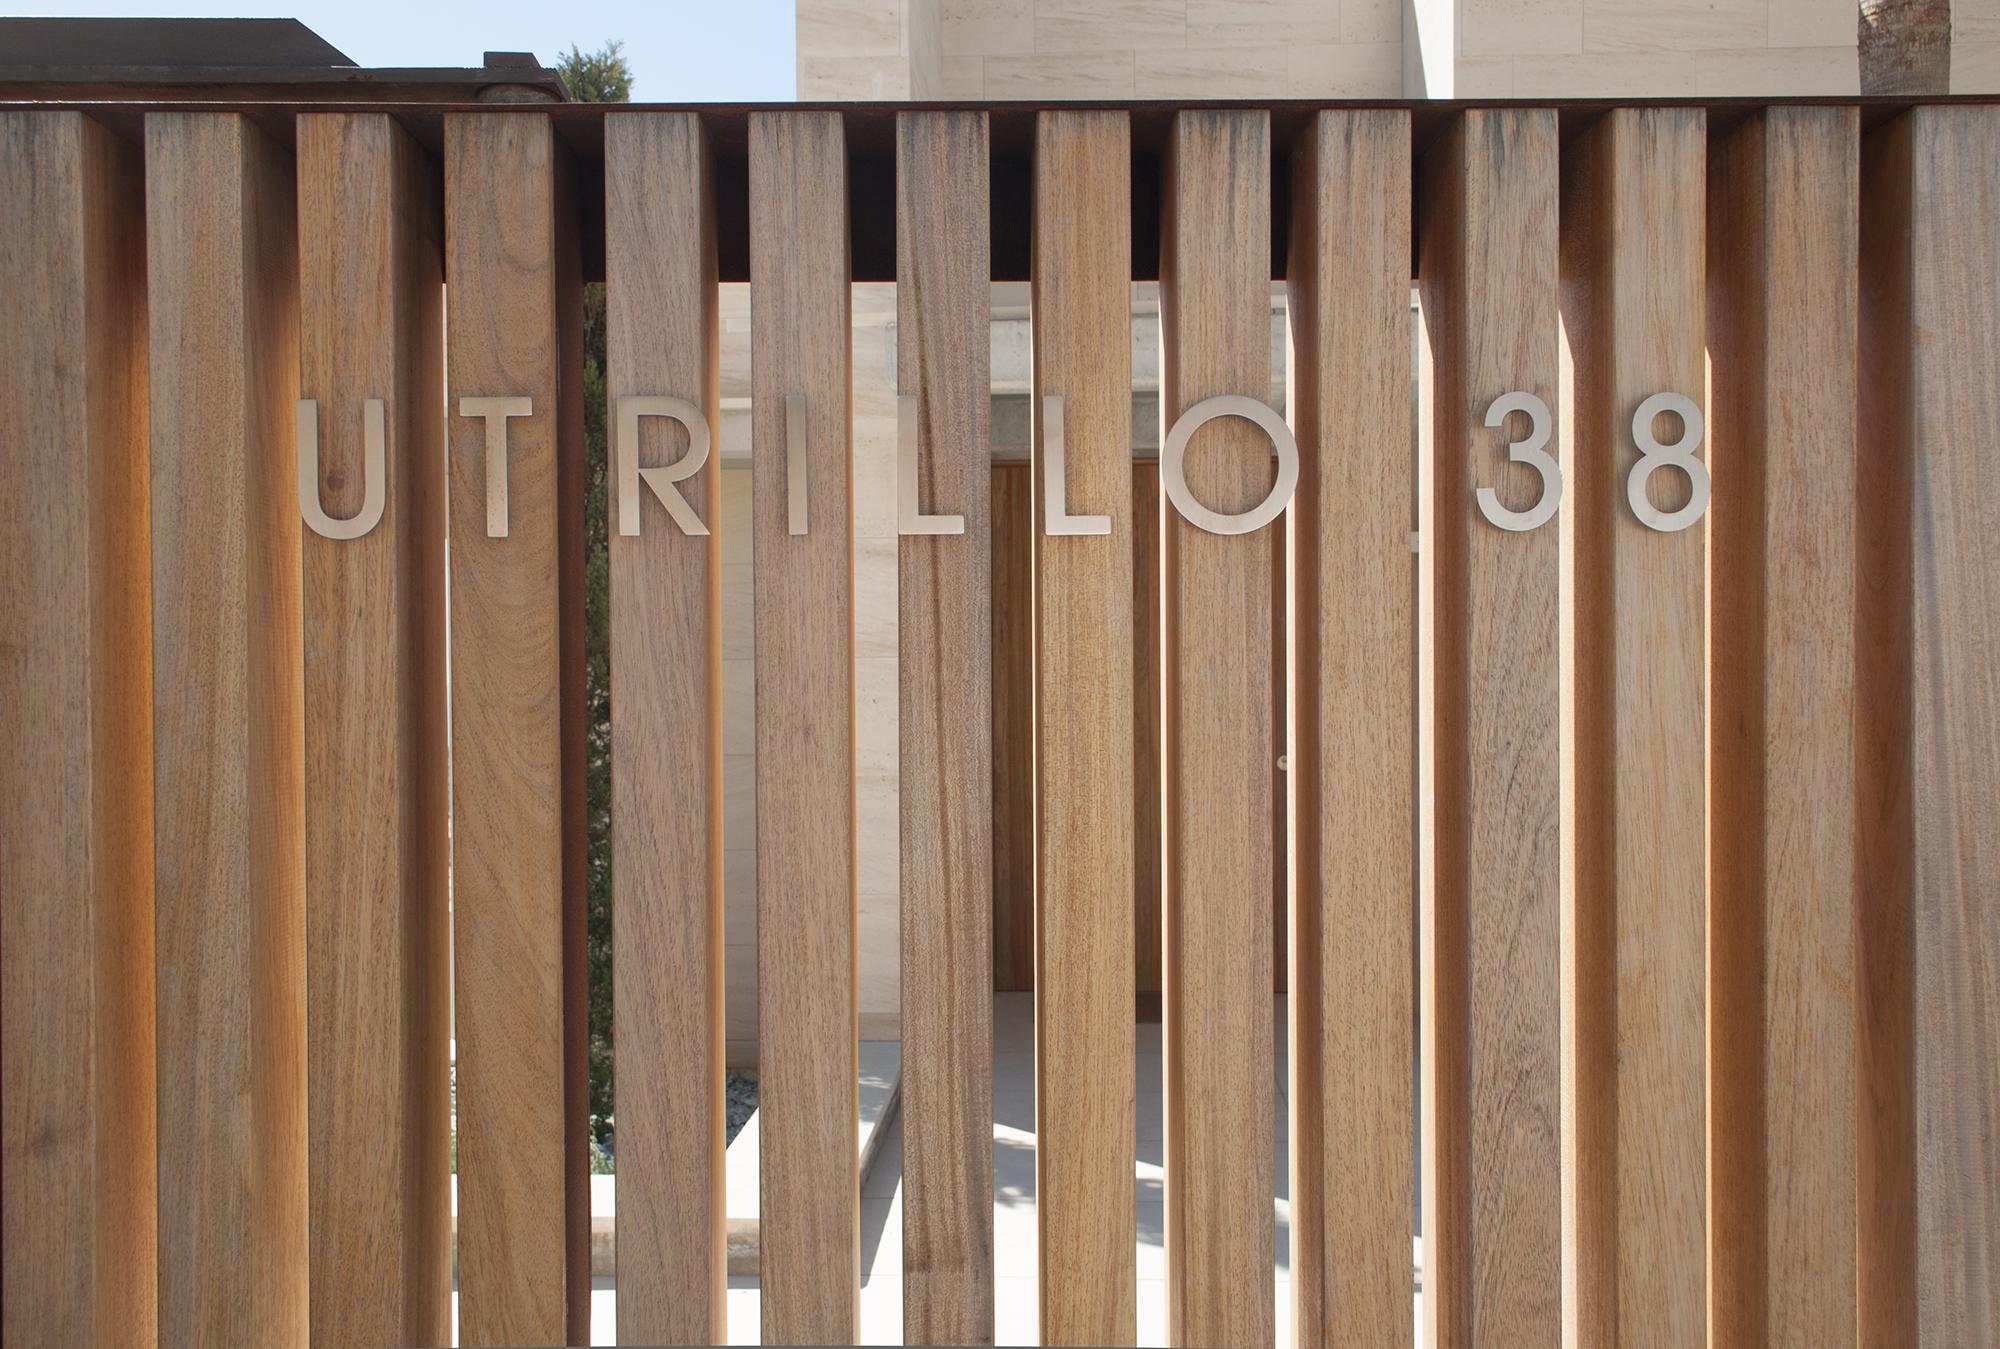 2-rardo-architects-houses-sitges-elevation-entrance-wood-fence